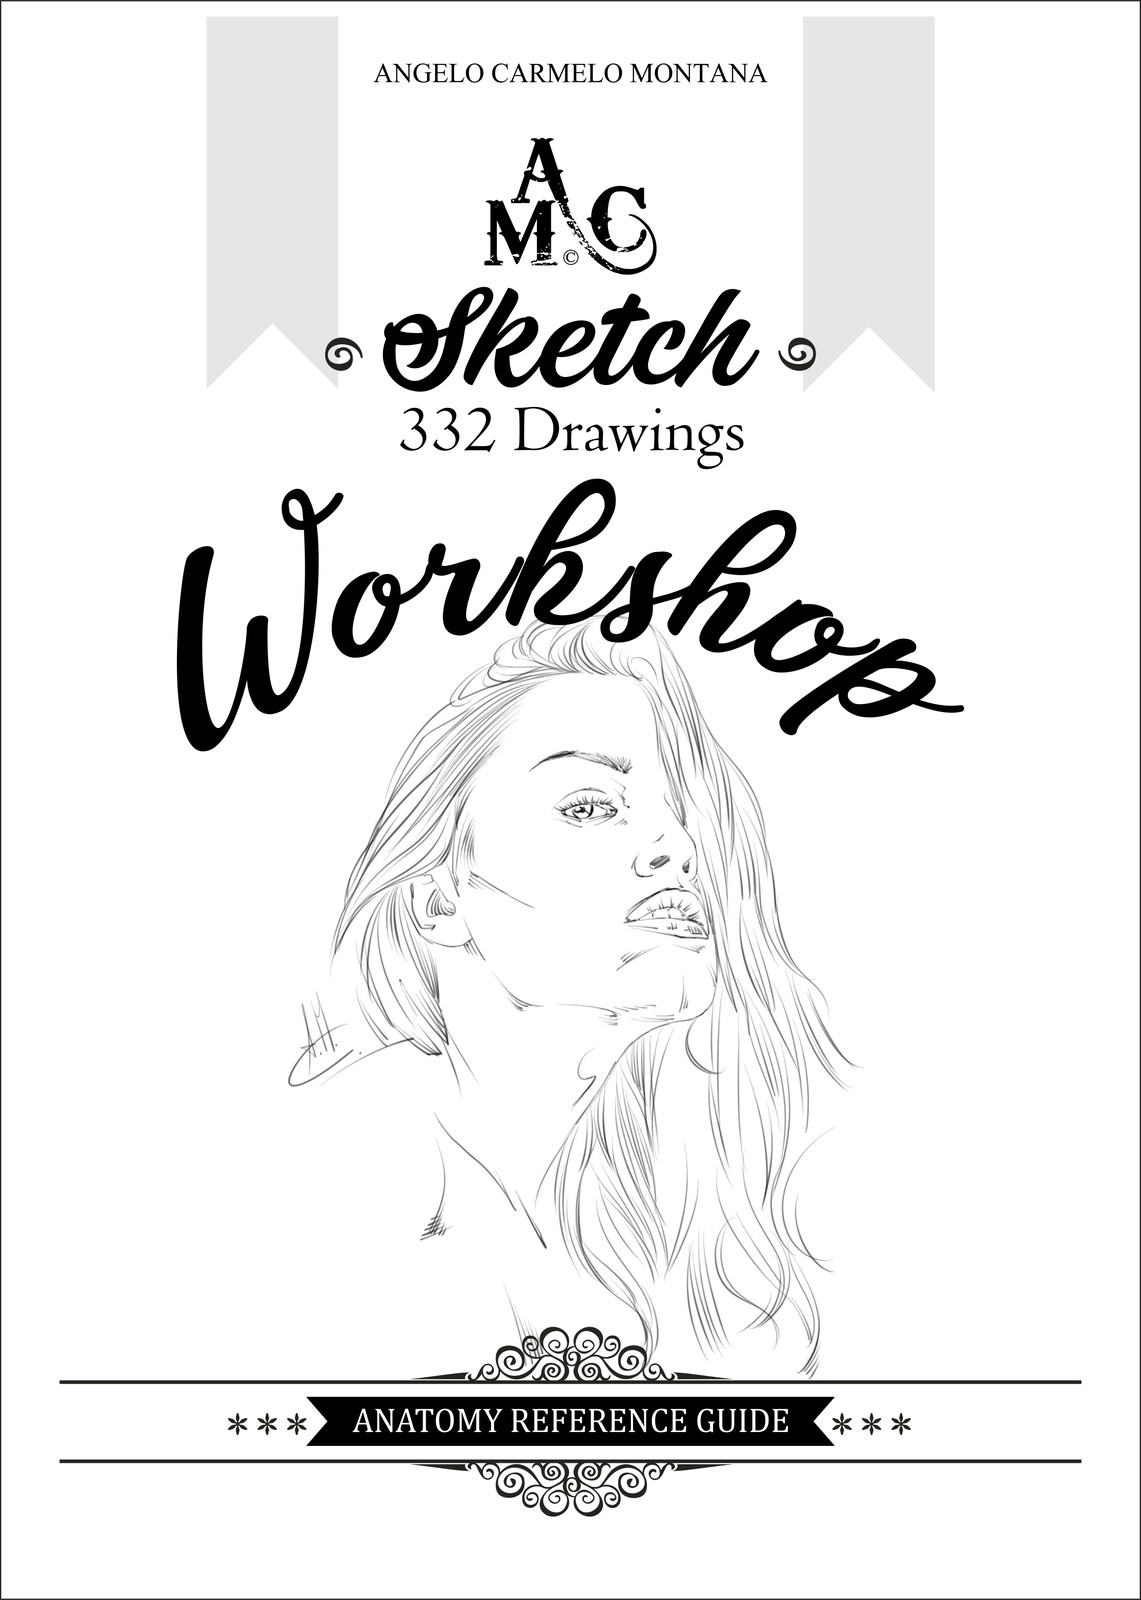 Sketch Workshop 1